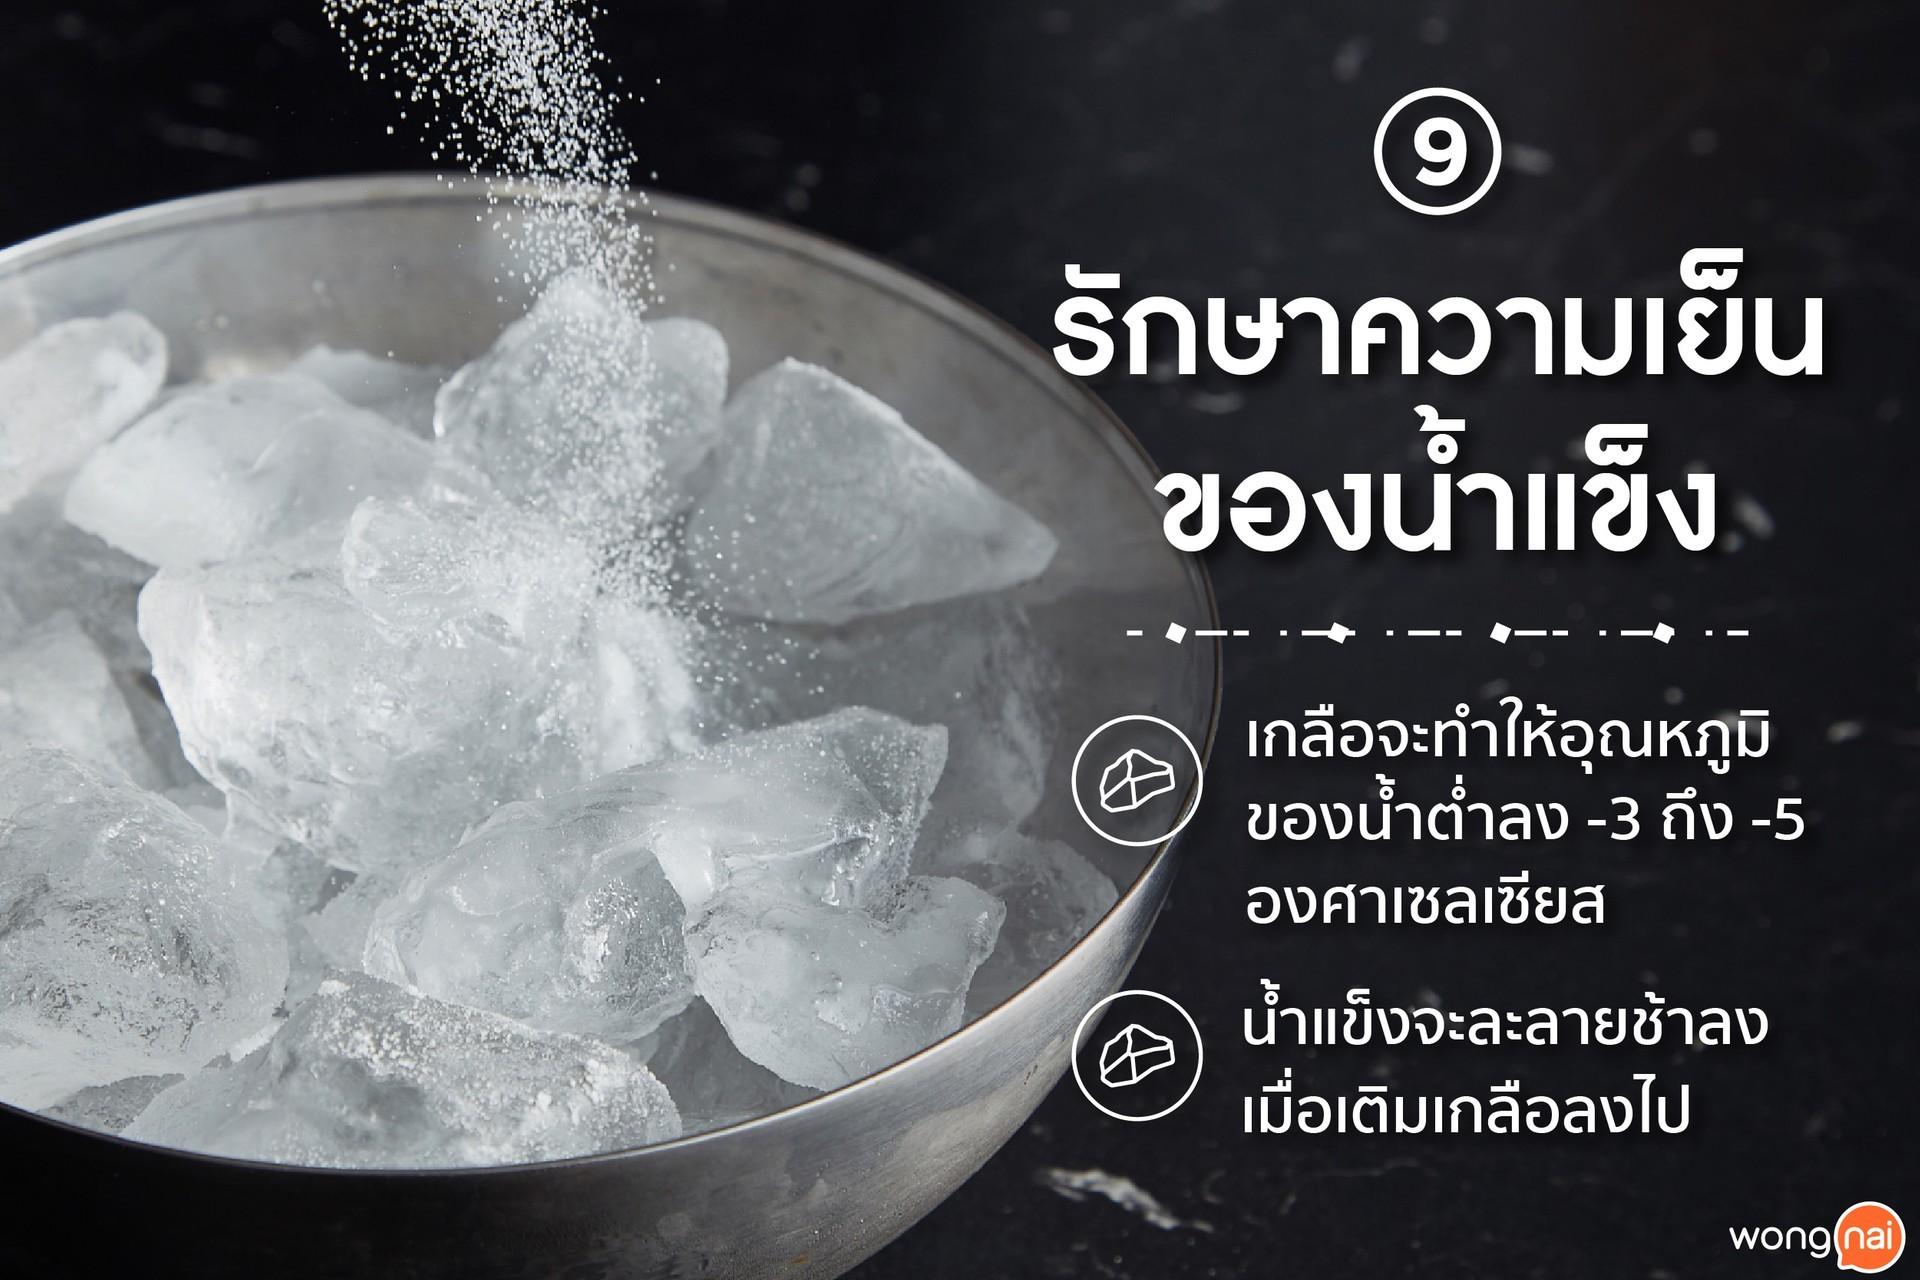 เกลือช่วยรักษาความเย็นของน้ำแข็ง